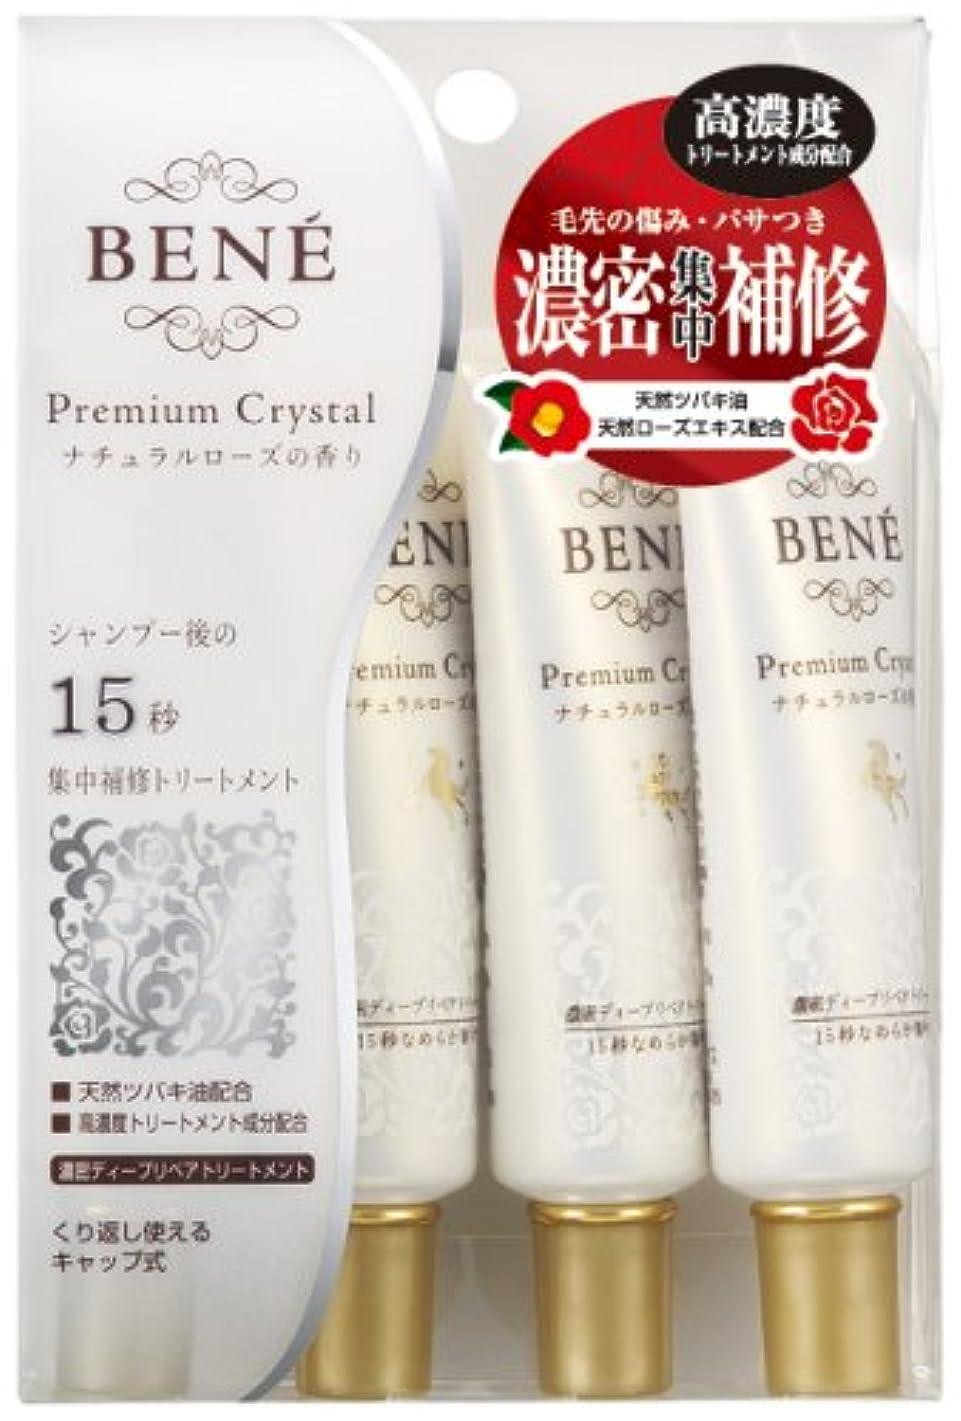 ハロウィン囲まれたアグネスグレイBENE Premium Crystal(ベーネプレミアムクリスタル) 濃密ディープリペアトリートメント 20g×4本